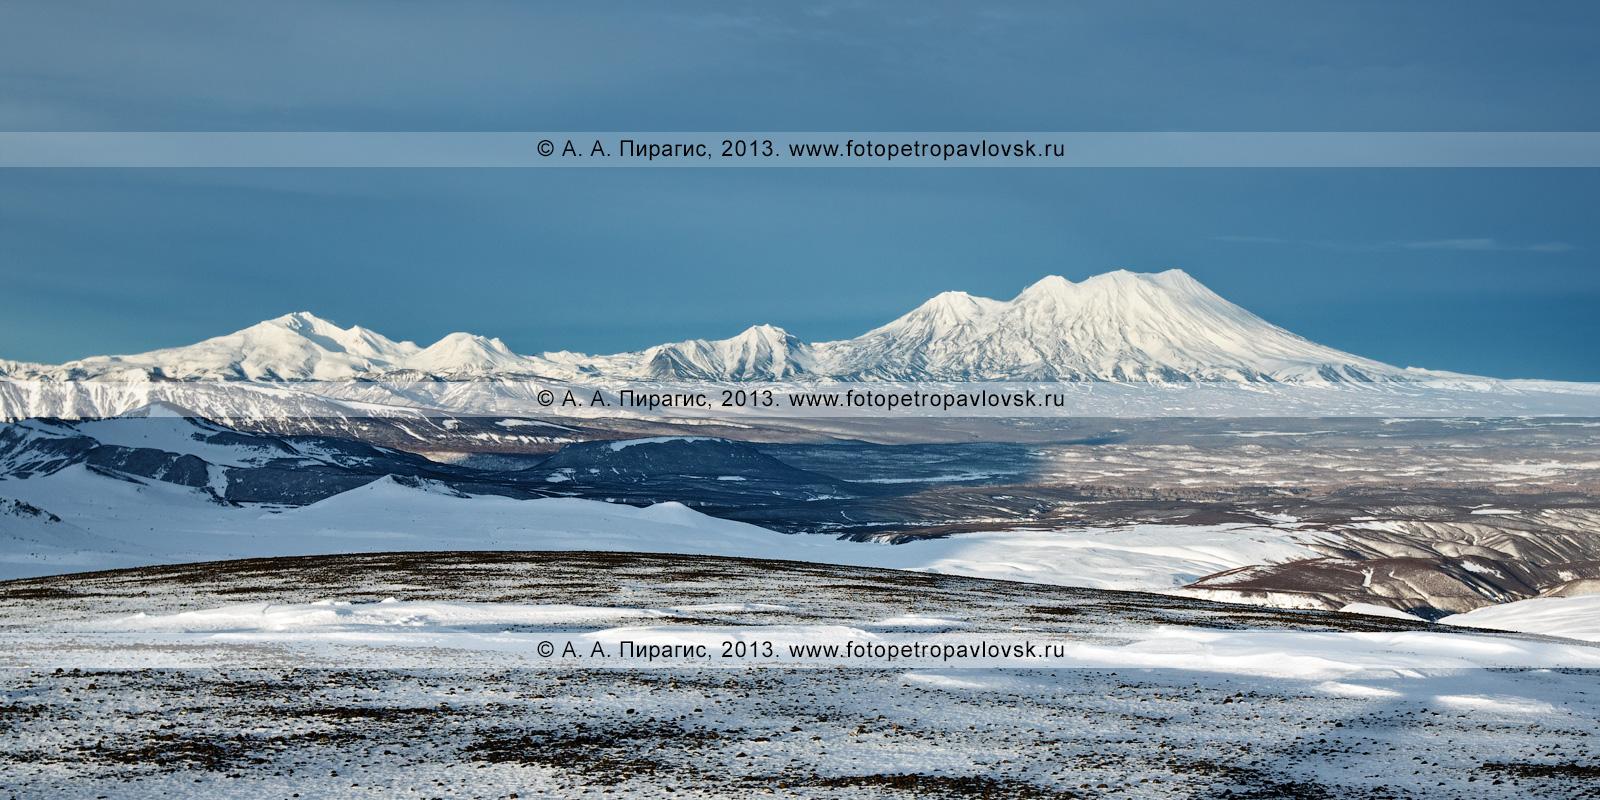 Панорама: Дзензур-Жупановская группа вулканов на Камчатке — вулкан Дзензур, вулкан Юрьевский, вулкан Сиреневый, вулкан Жупановский